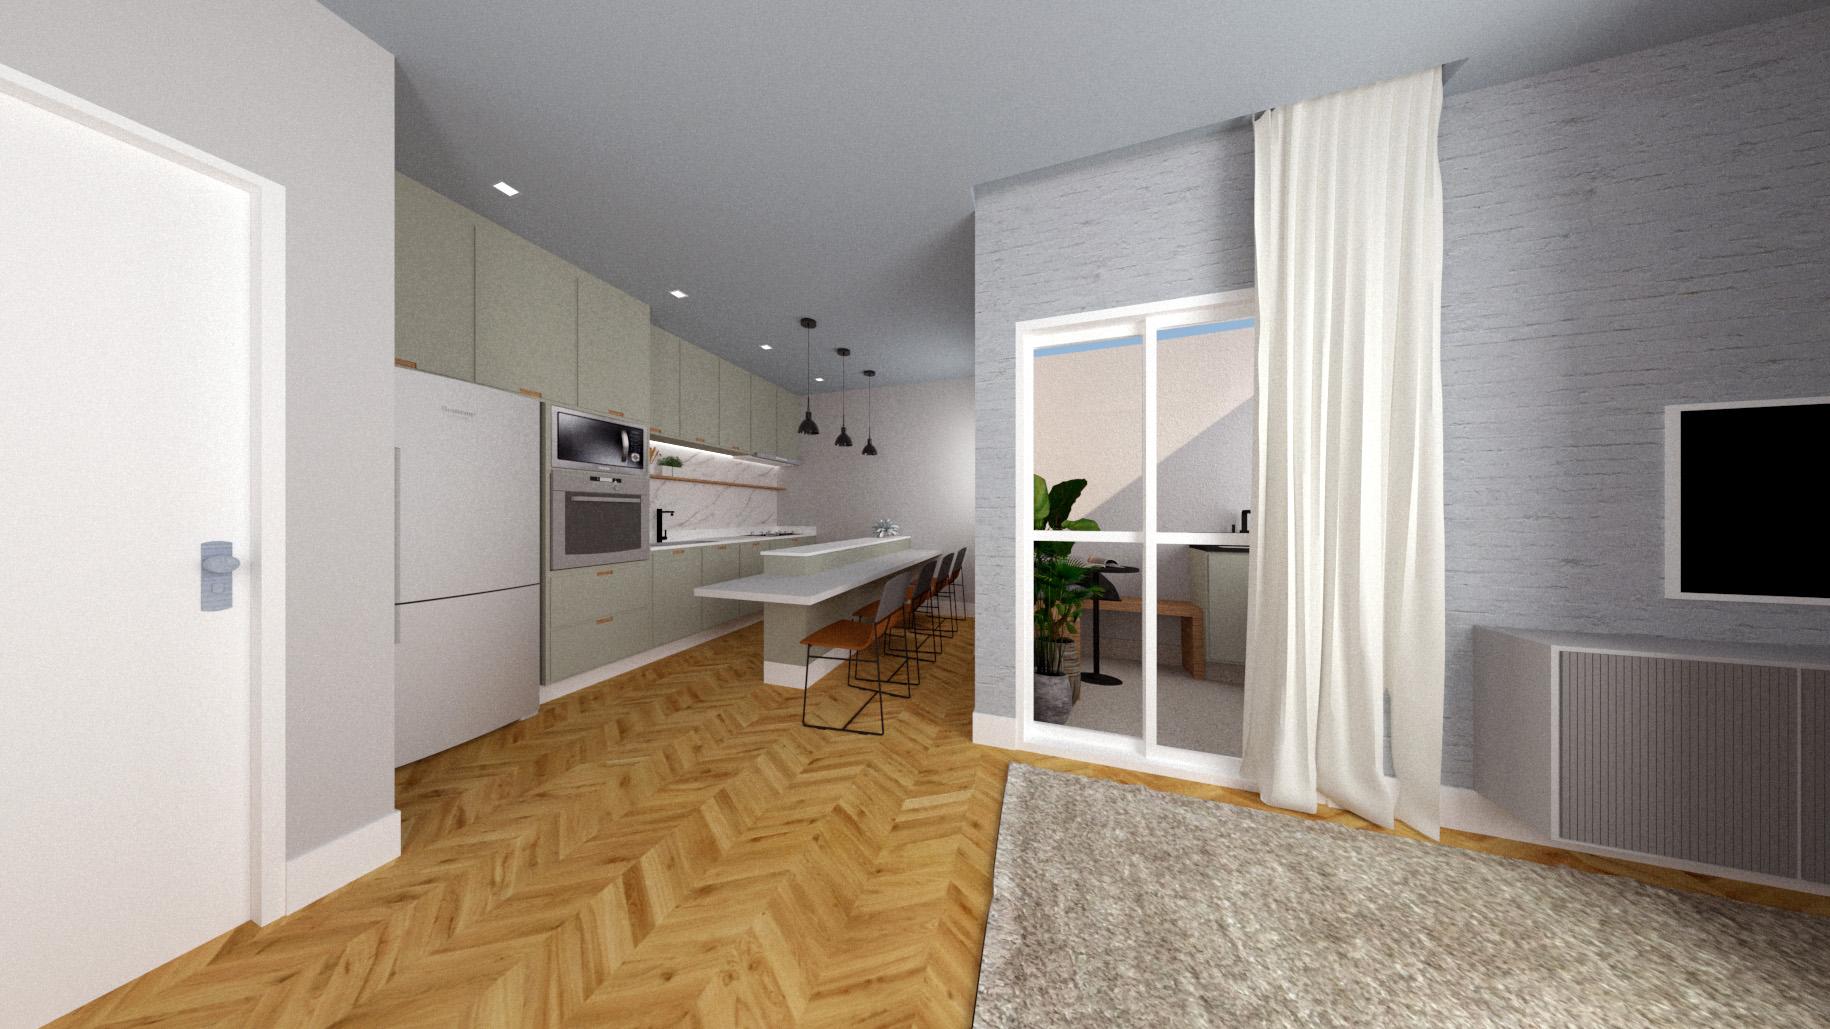 residencial-new-life-cozinha